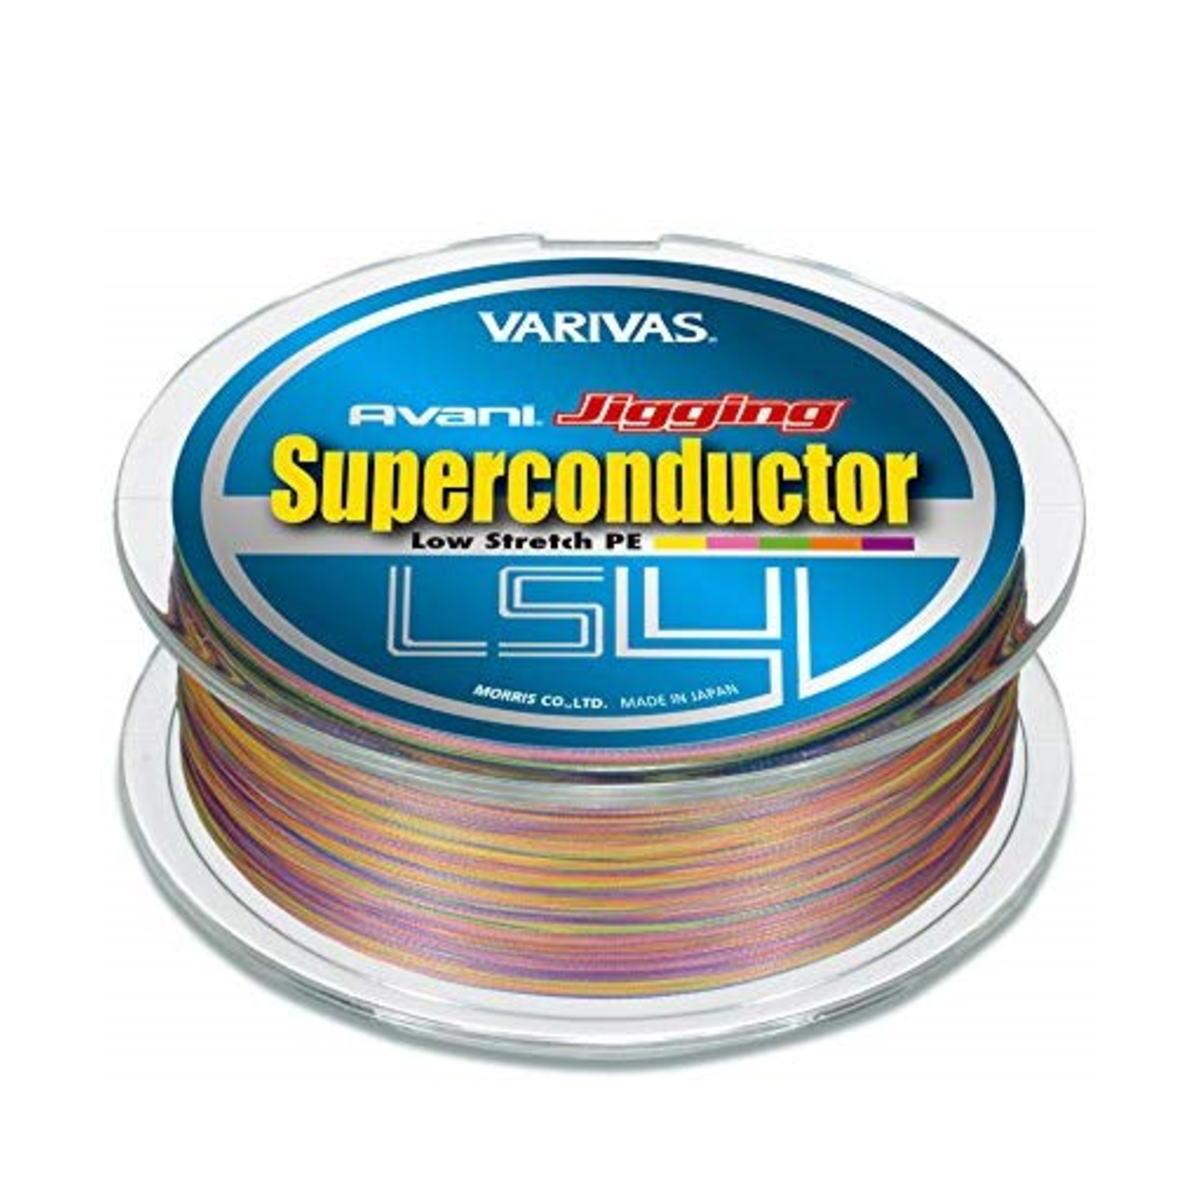 【送料無料4】モーリス ライン VARIVAS アバニ ジギング スーパーコンダクターPE LS4 600m 0.6号